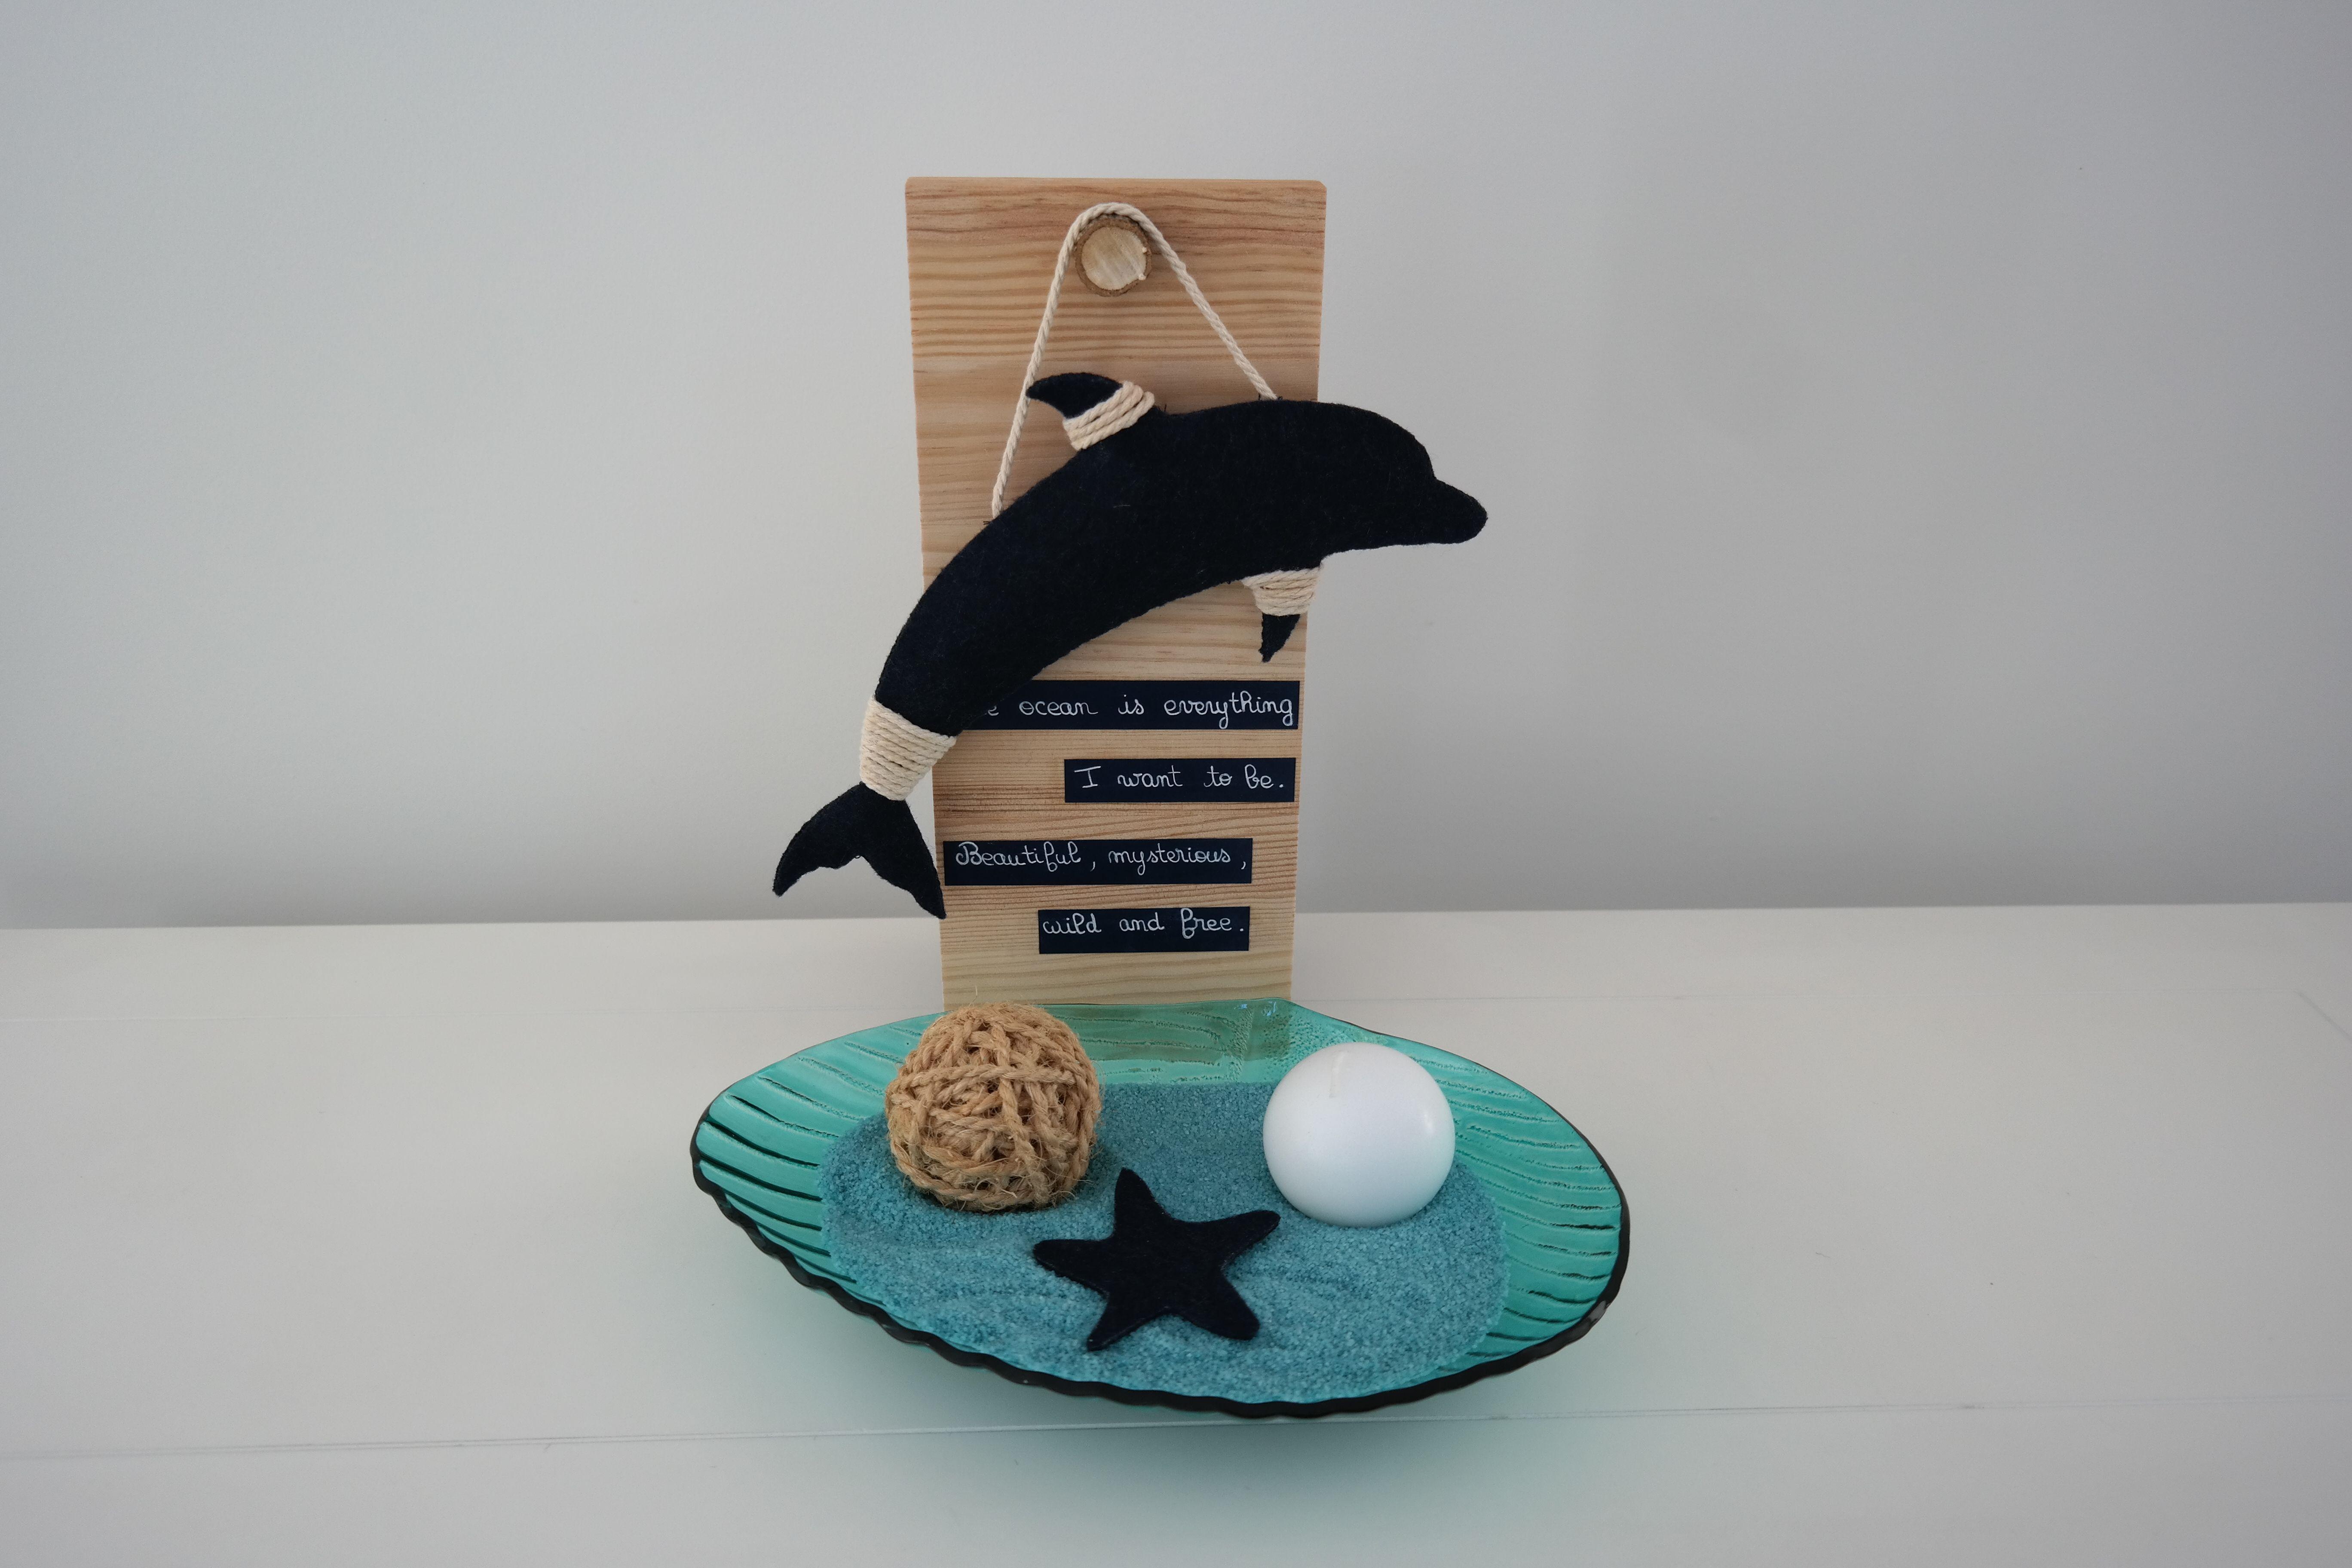 Peace Dolphin é uma decoração da ArteNatis constituída por:  - Uma peça em forma de golfinho, realizada à mão em feltro azul-escuro, pendurada num suporte em madeira (pinho natural).  - Uma peça em vidro colorido, em forma de concha, contendo pó decorativo, uma vela esférica branca, uma bola em corda de sisal e uma estrela-do-mar em feltro azul-escuro.